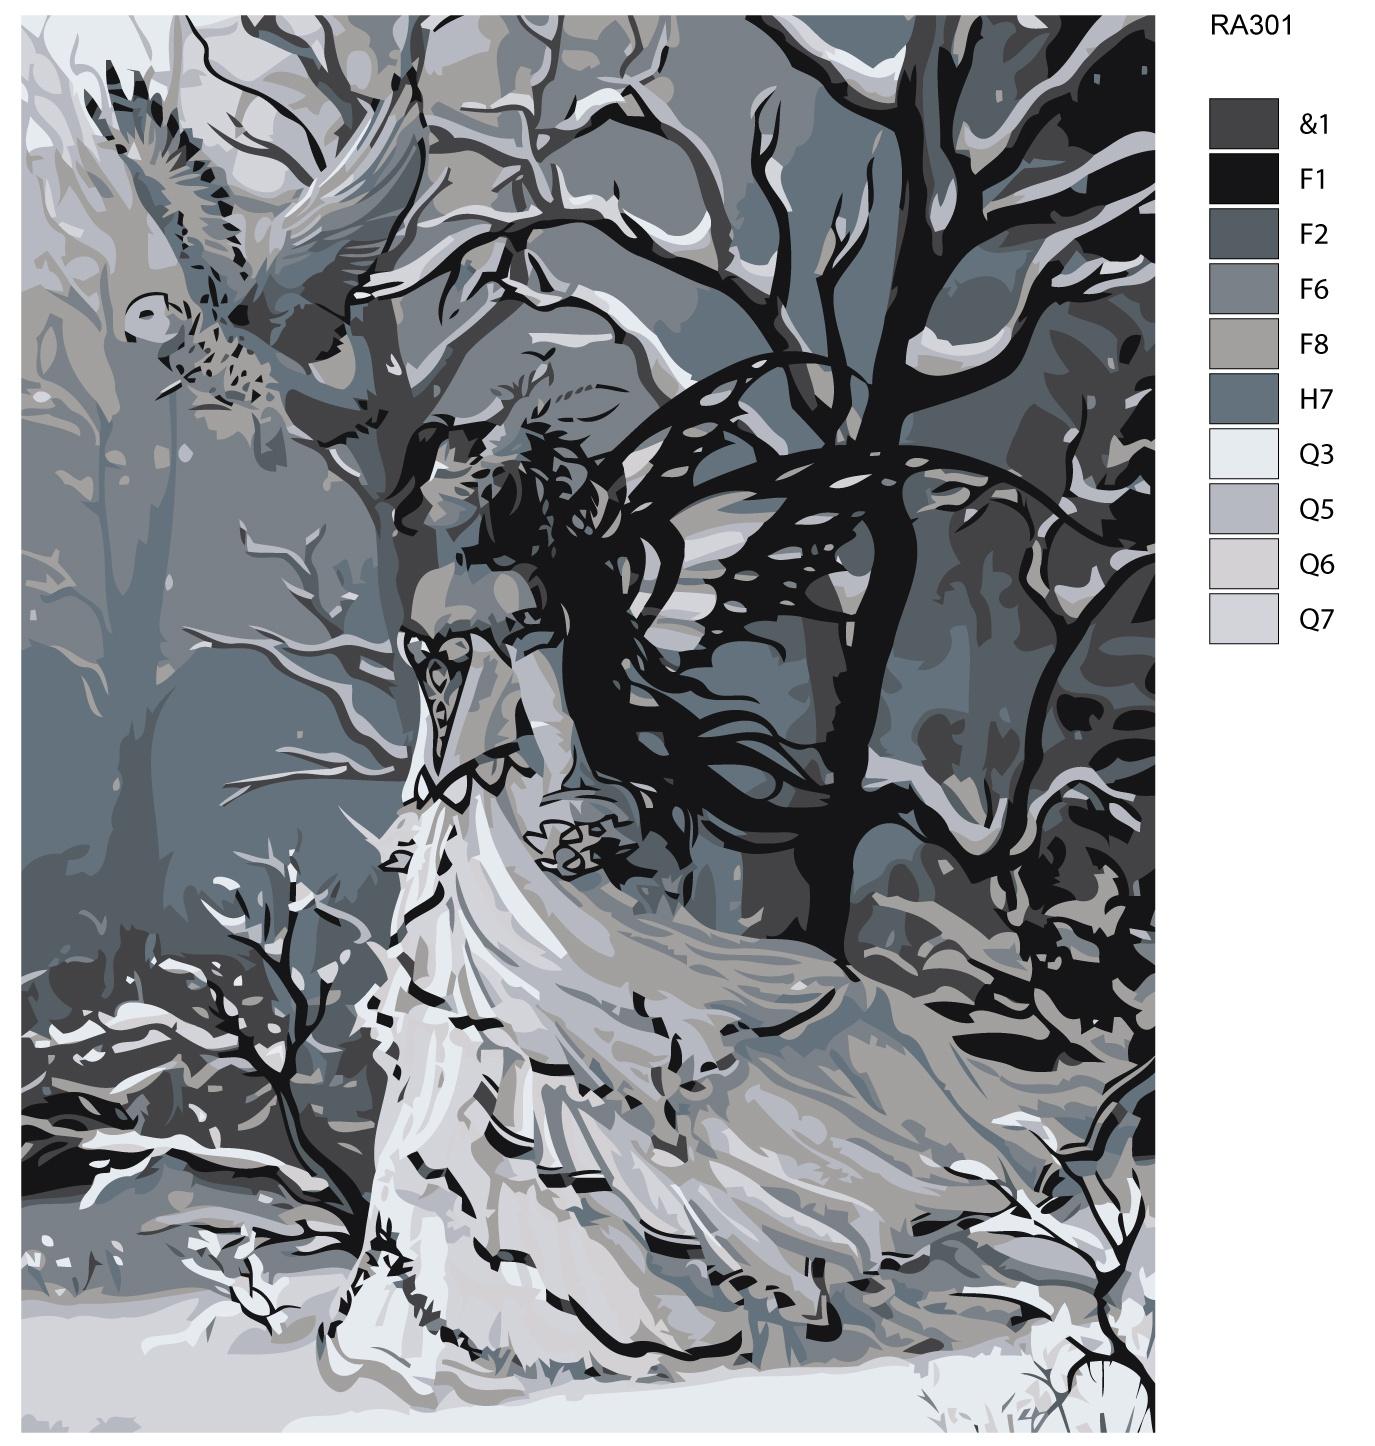 Картина по номерам, 80 x 100 см, RA301